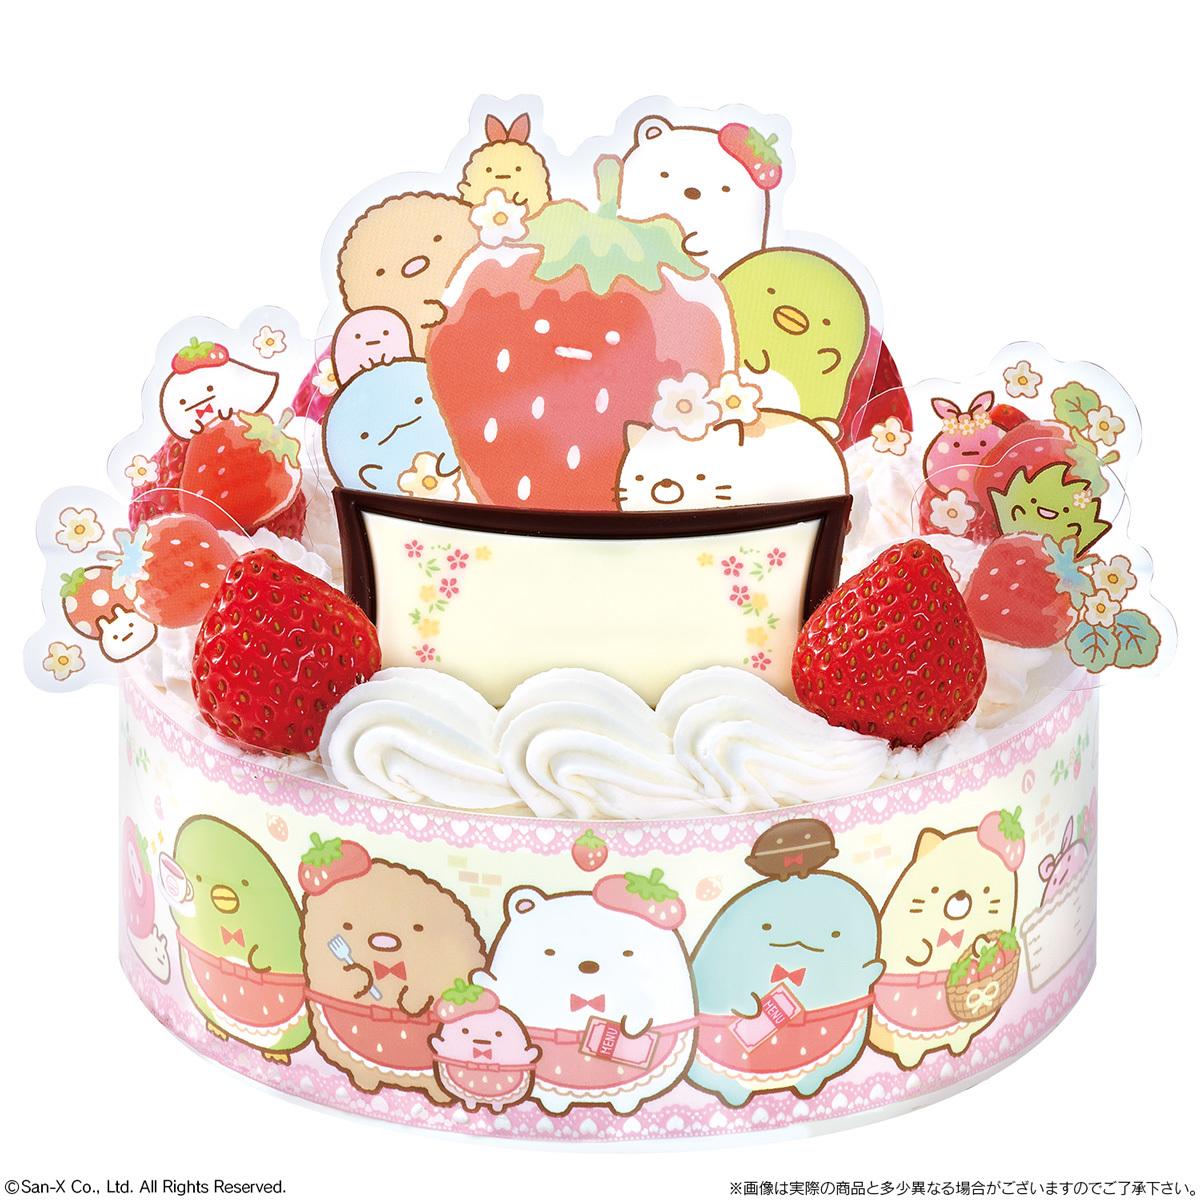 「すみっコぐらし」のキャラデコお祝いケーキが12月1日(火)より不二家にて順次発売! 画像